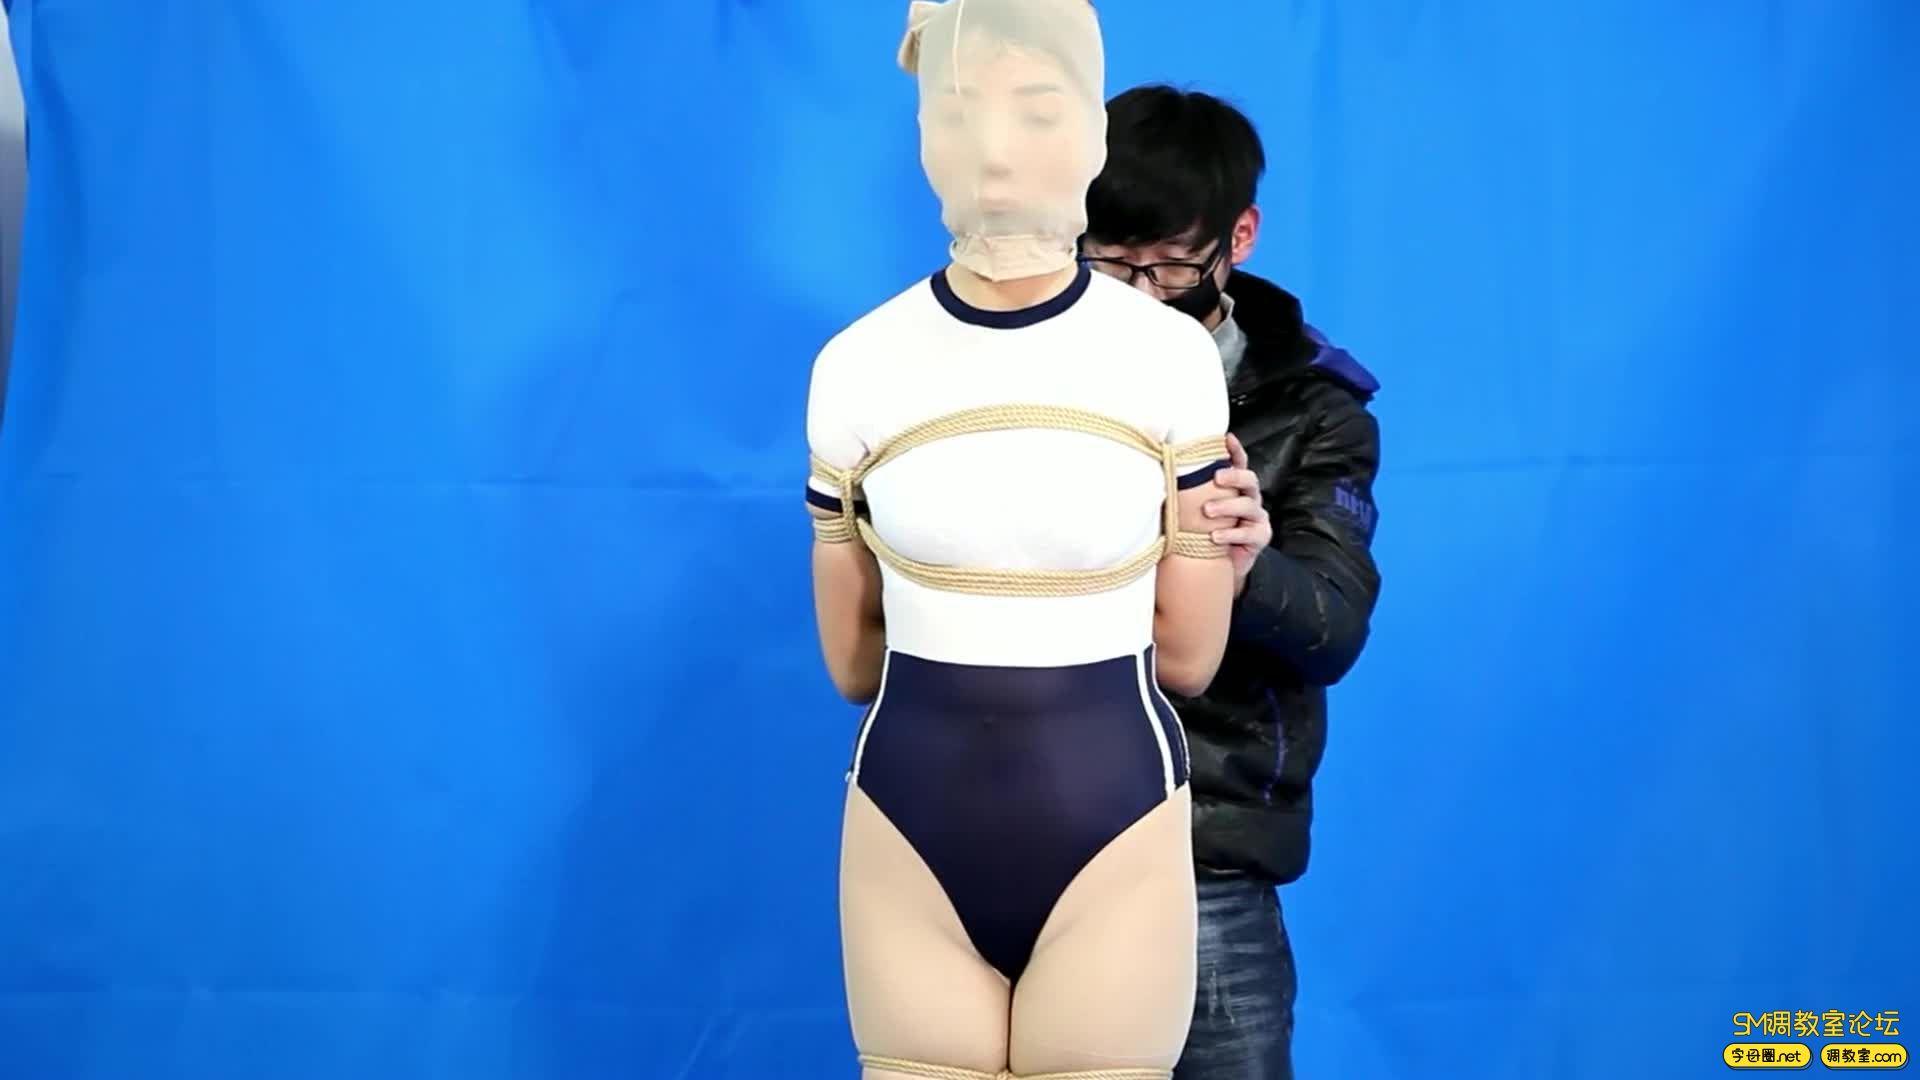 CLZ原创_灵粒丝袜套头大号口球并腿超级缚-视频截图1